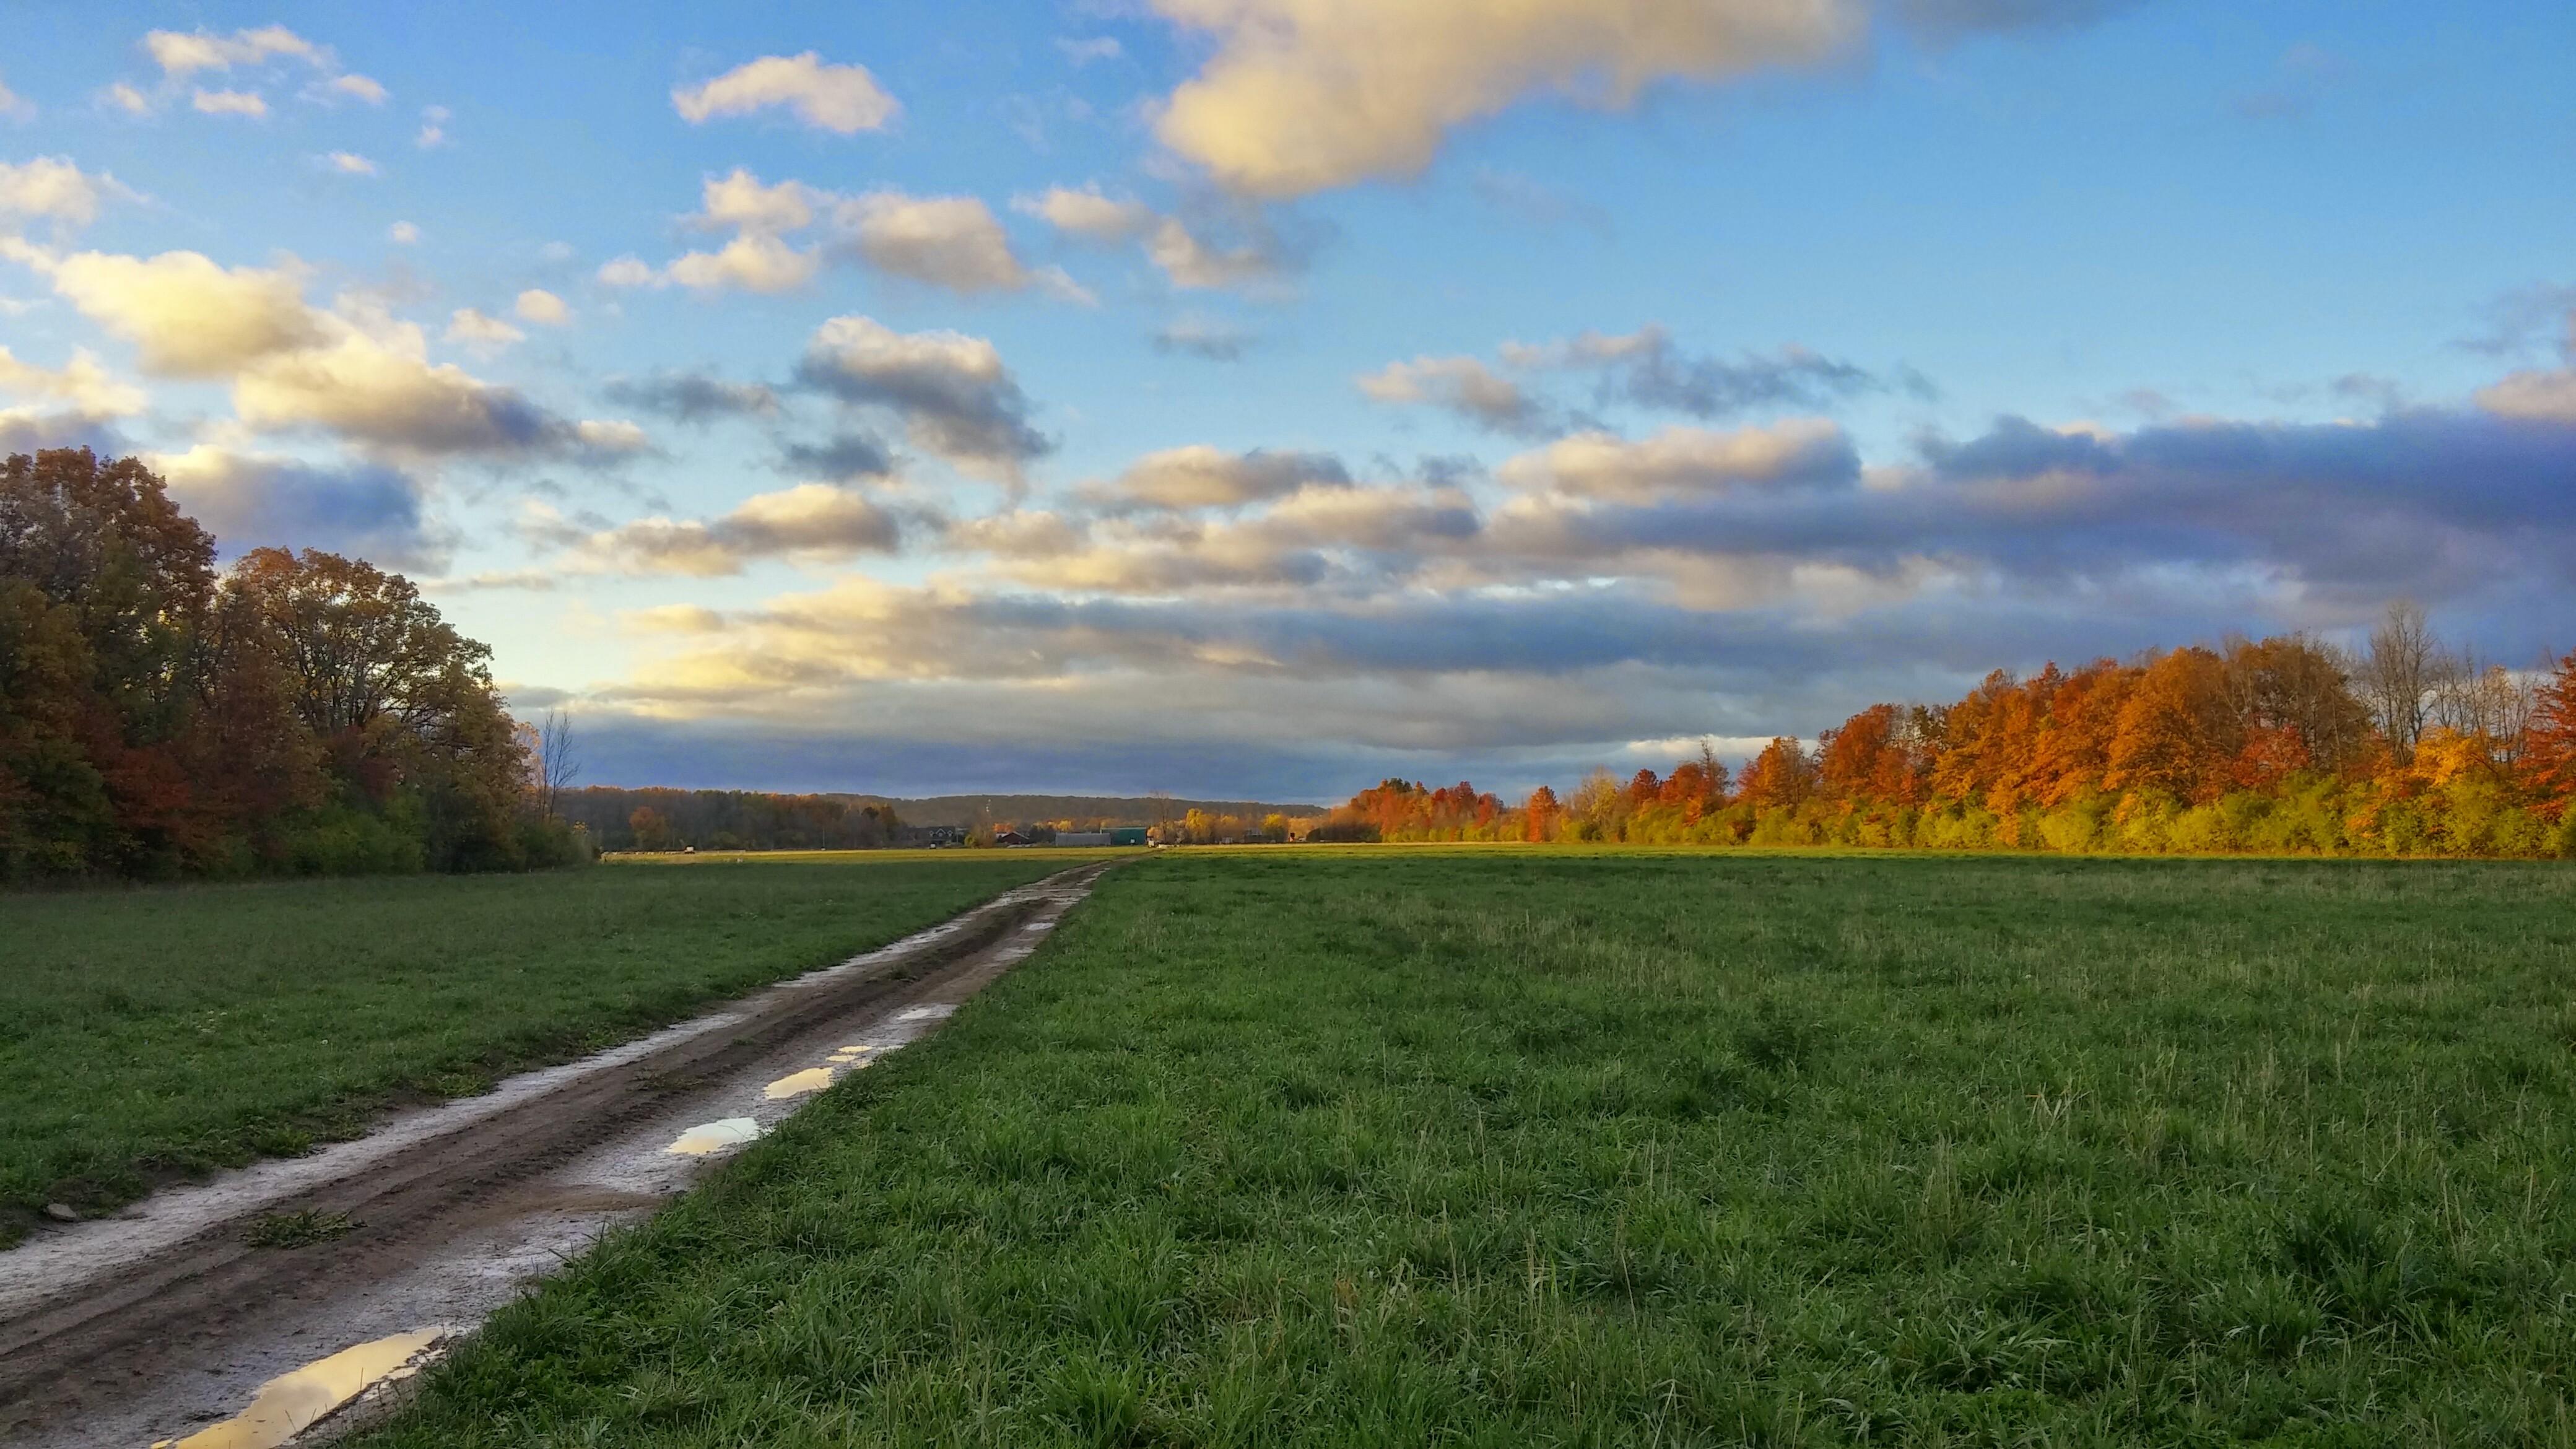 autums farm